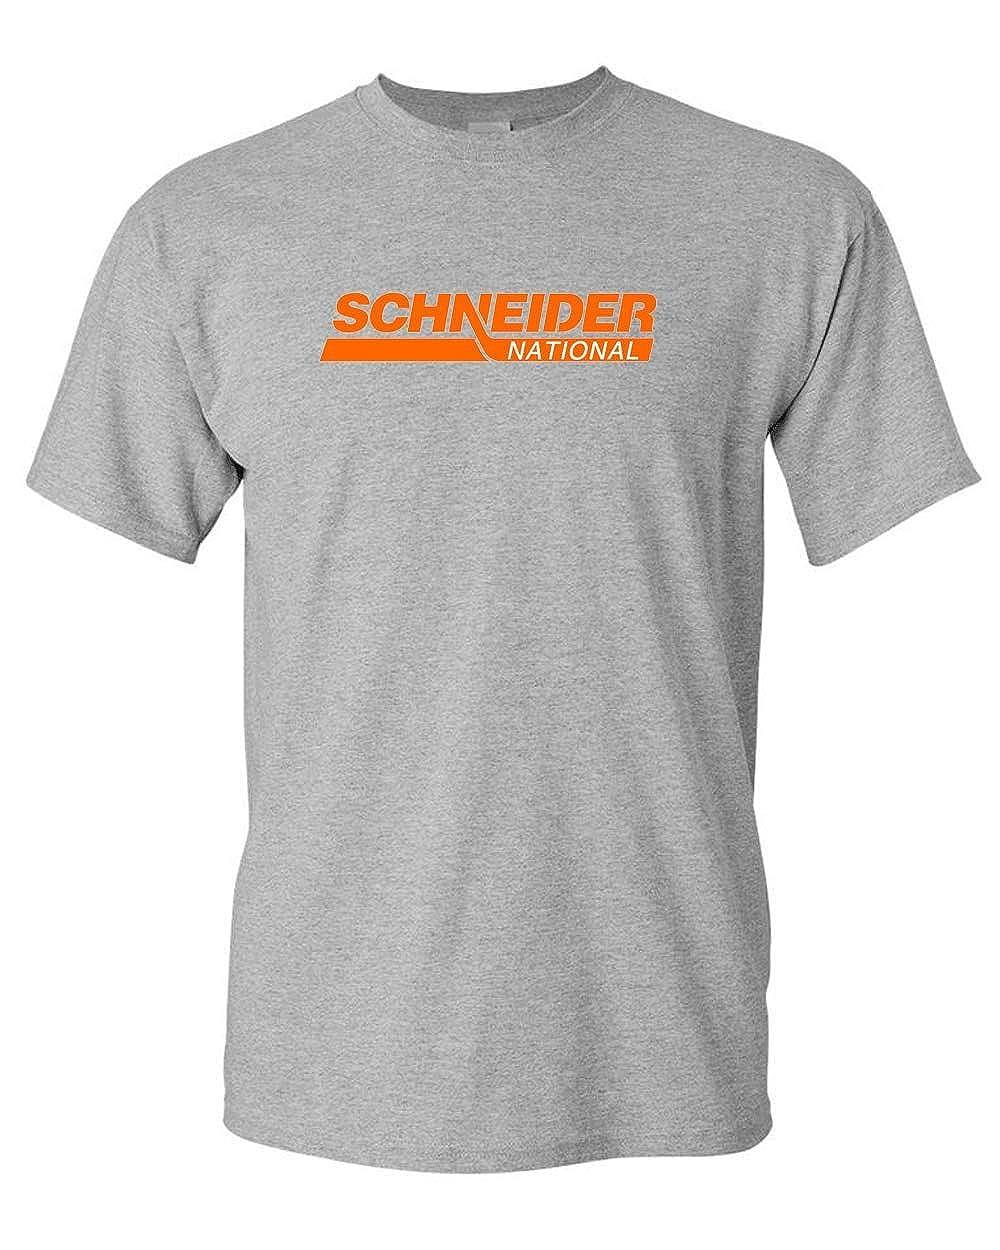 Schneider T Shirts